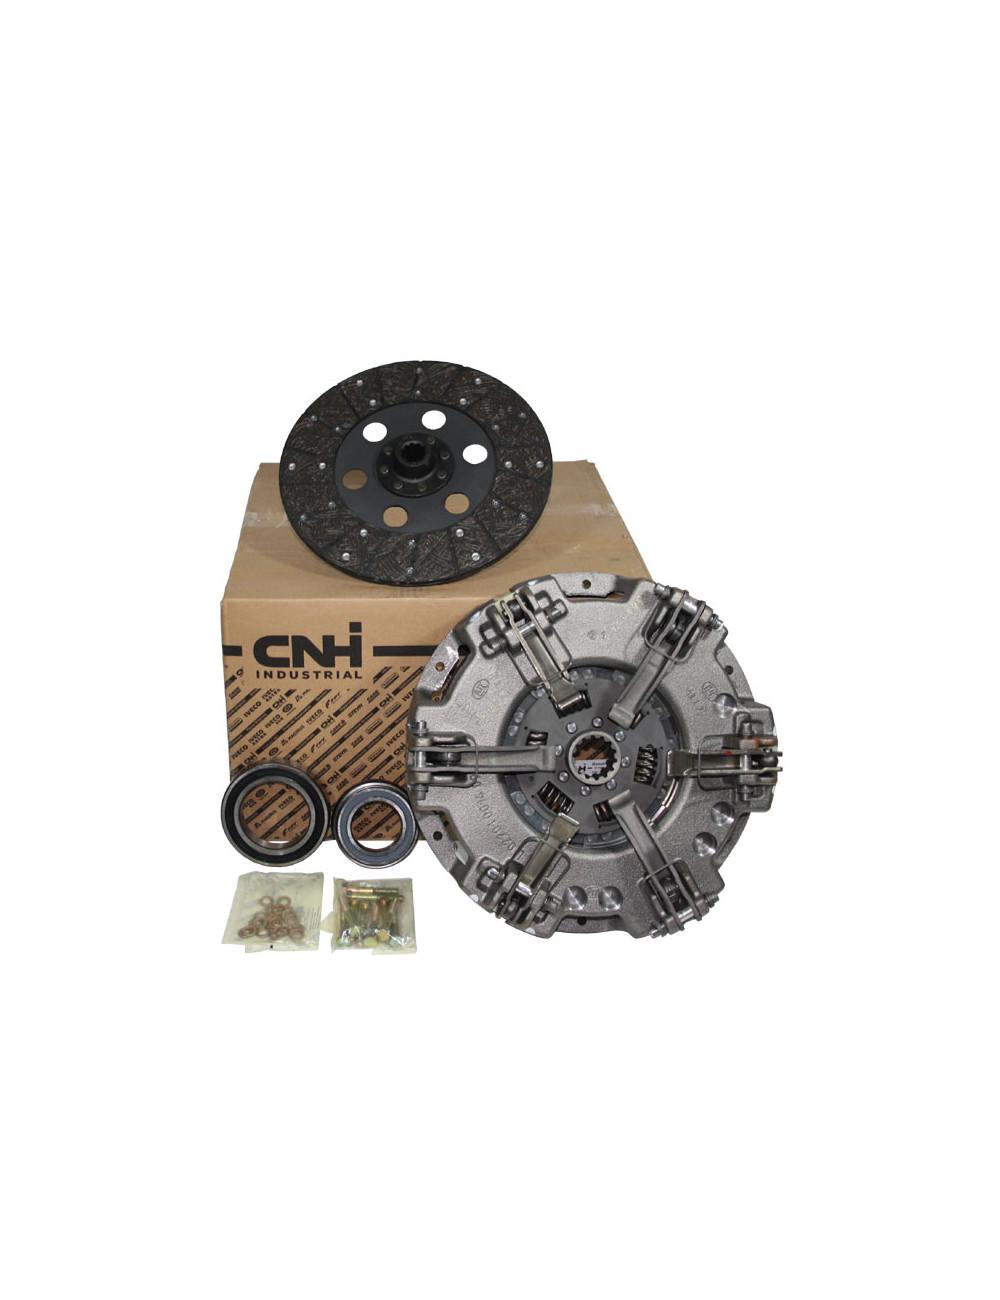 Kit revisione frizione New Holland - cod 9973691